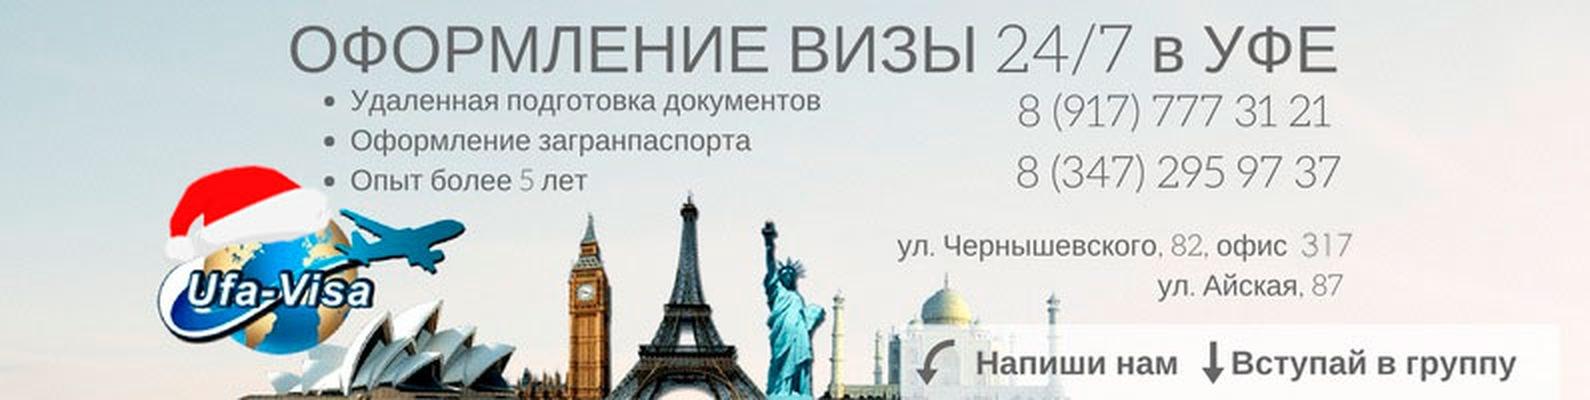 Список документы на загранпаспорт московская область